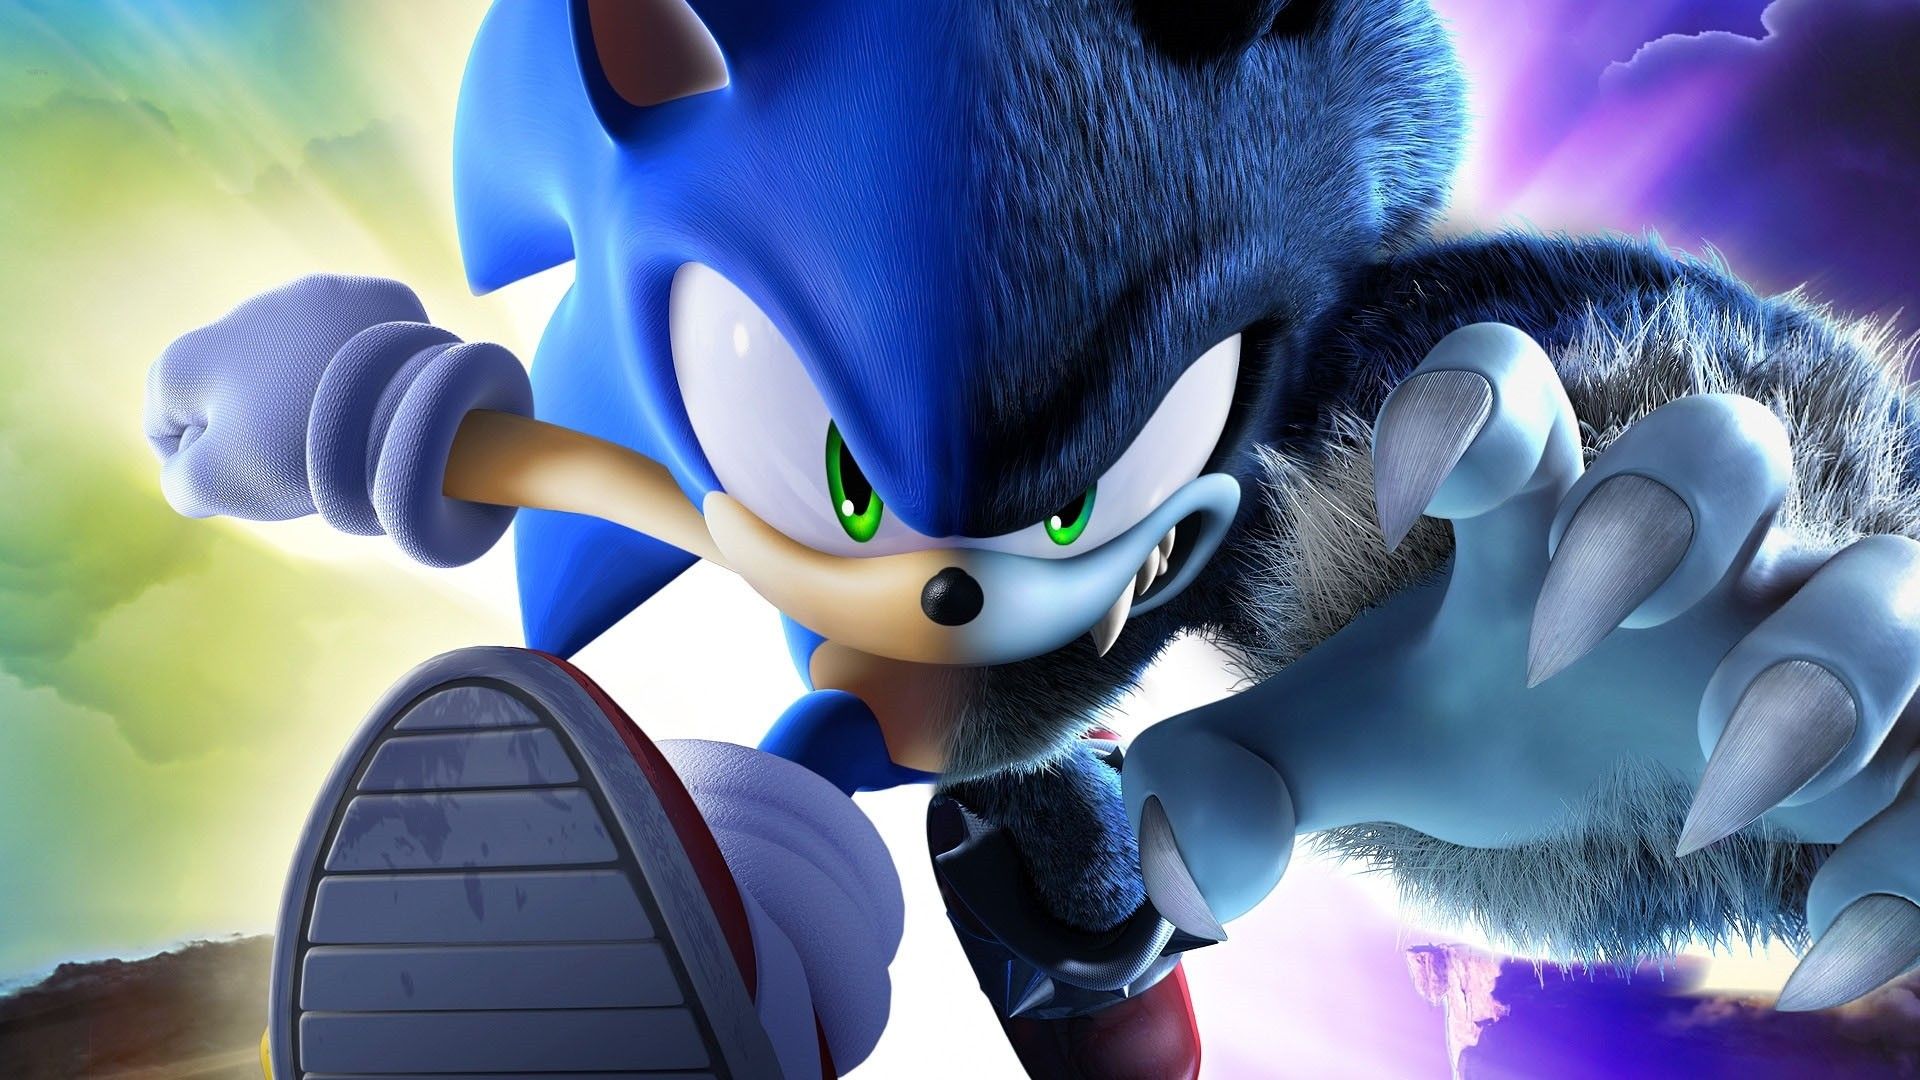 Sonic Wallpaper theme